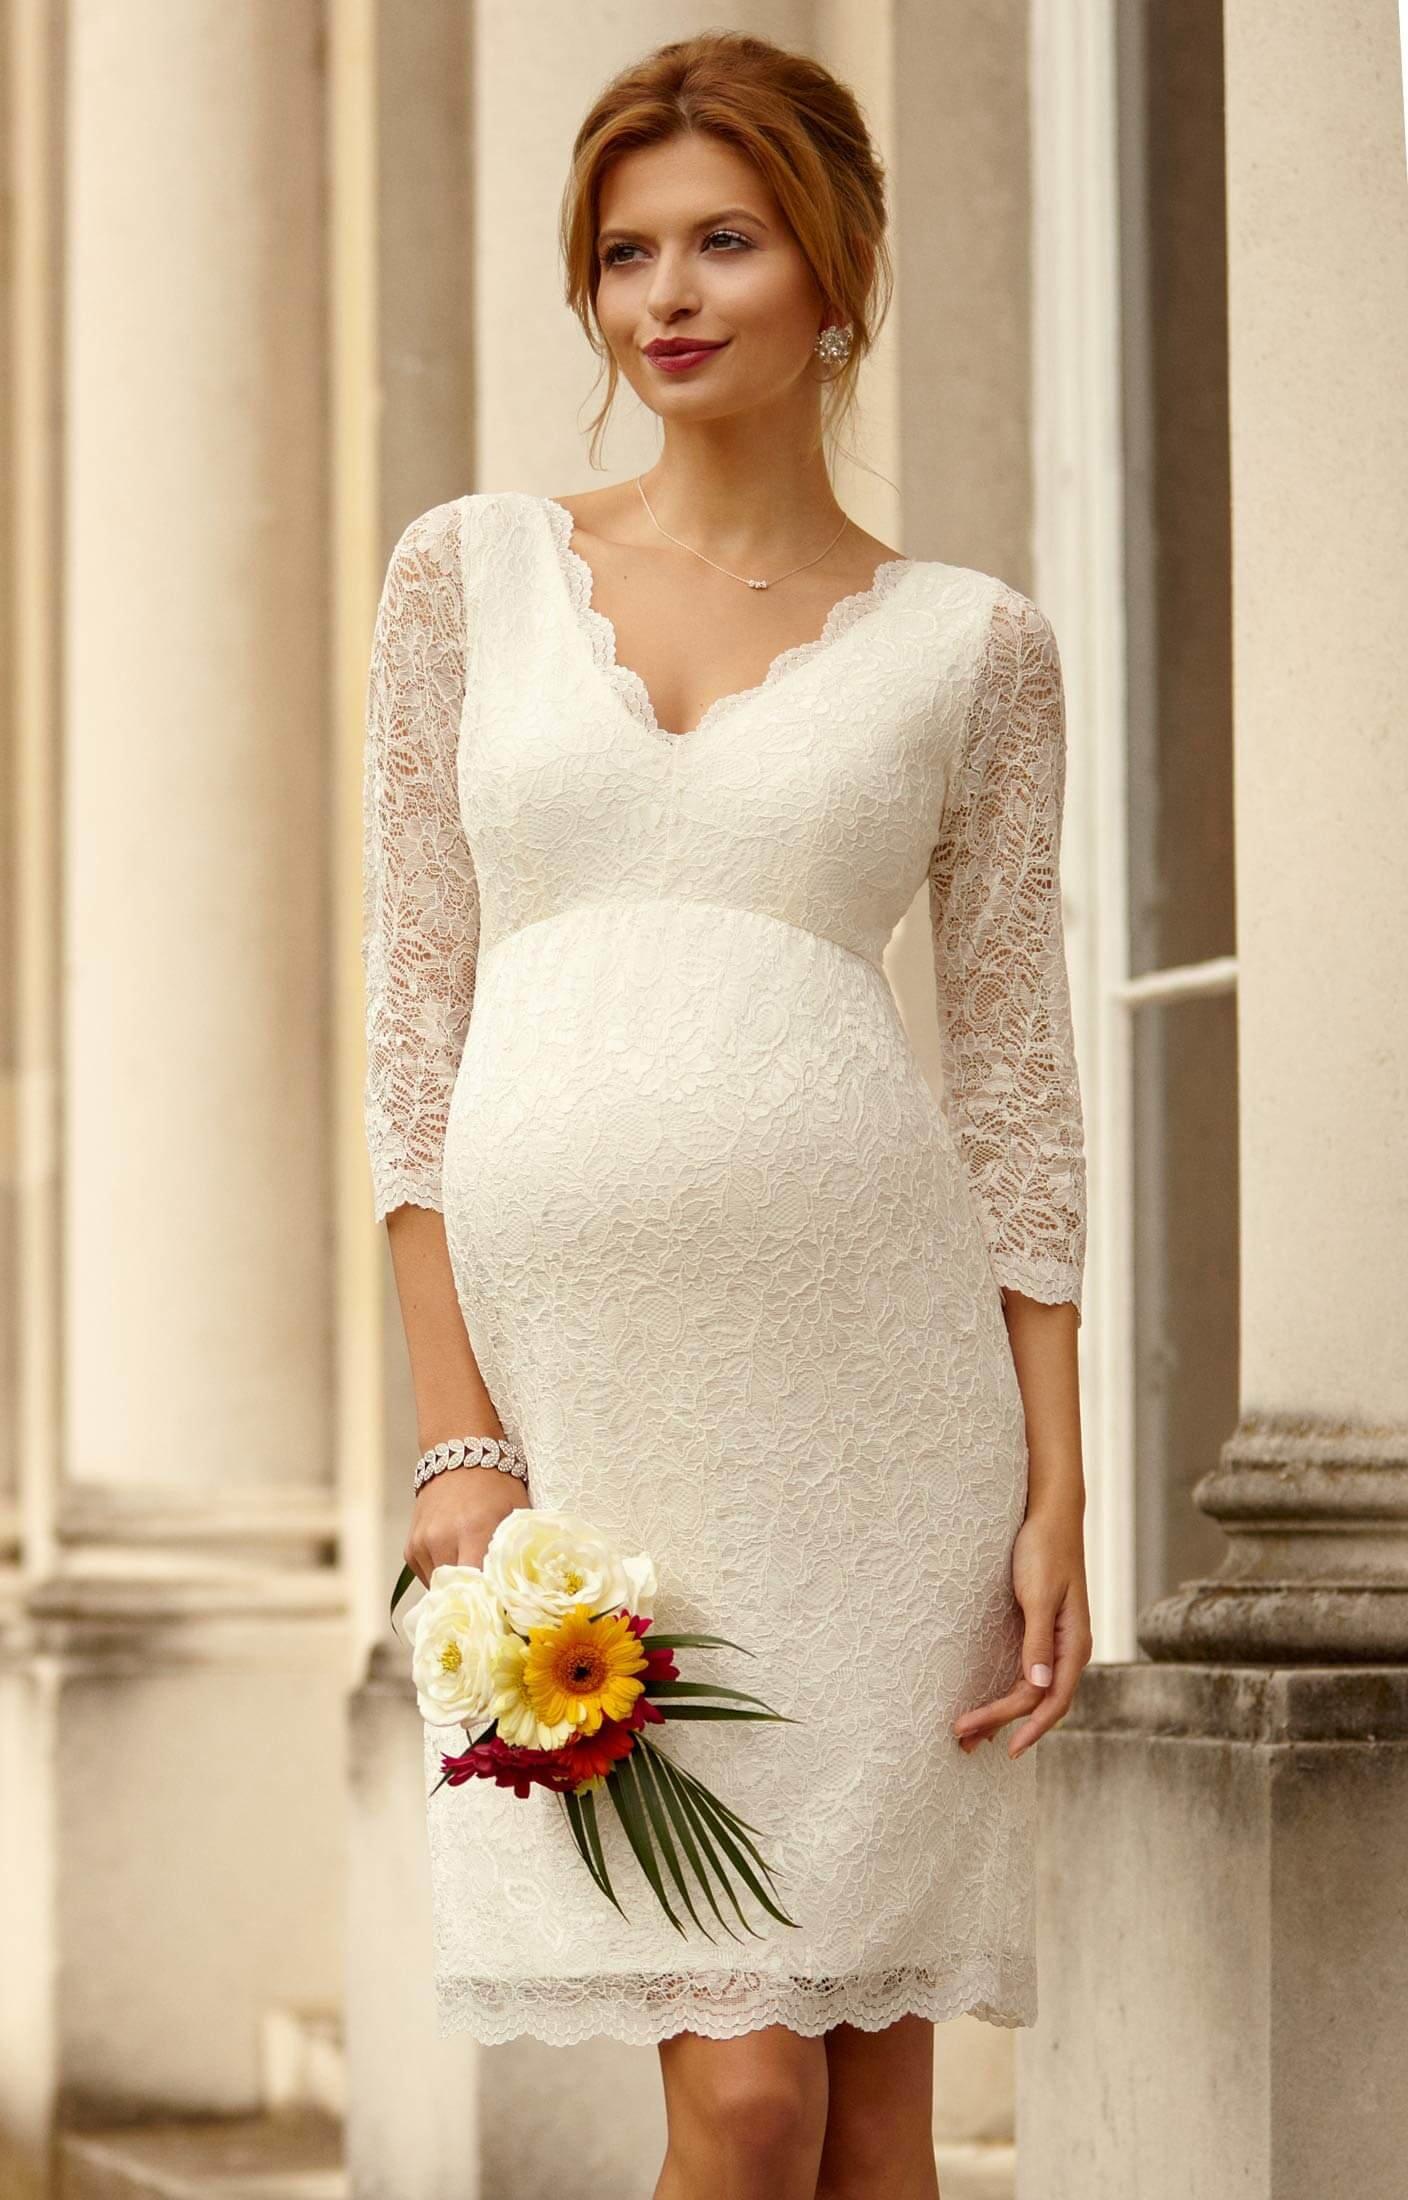 Свадебные Платья Для Беременныхгреческом Стиле